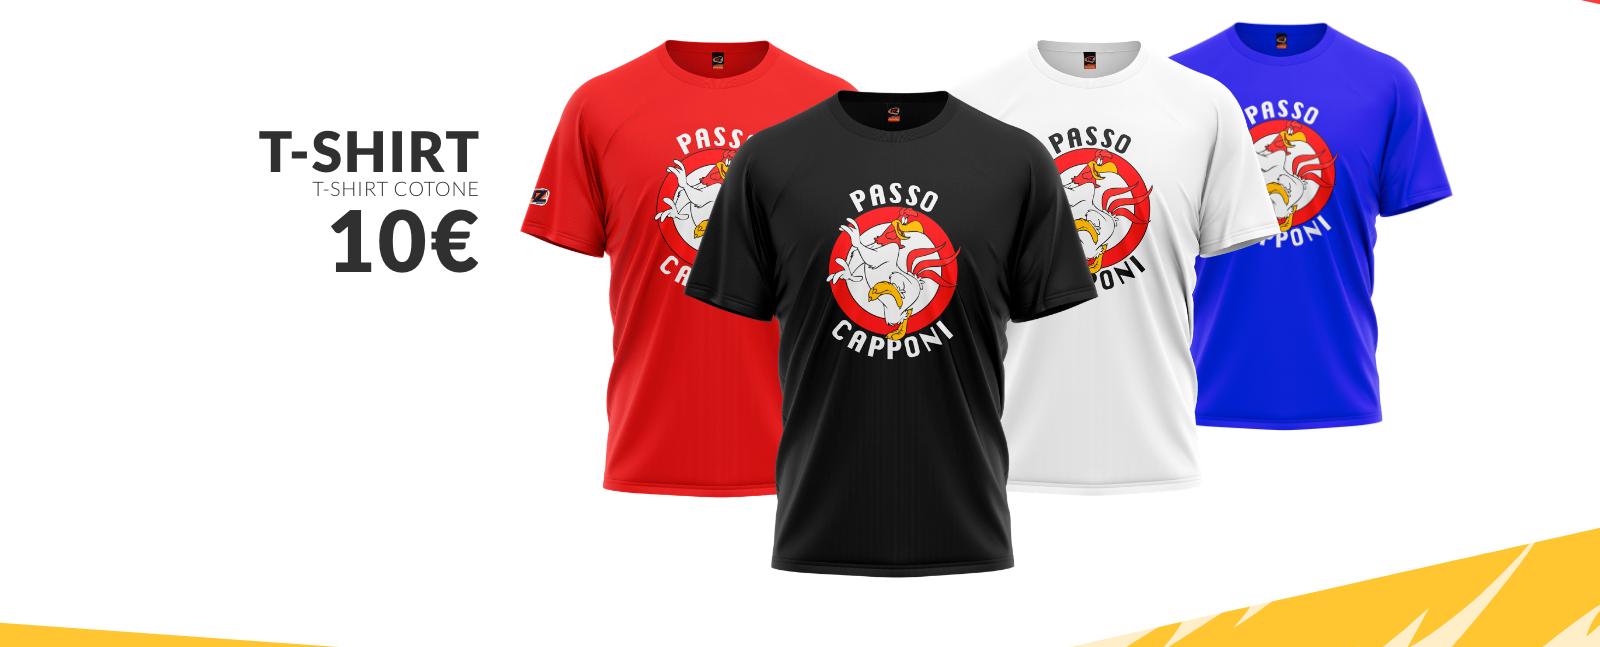 PZ Sport - Passo Capponi: T-Shirt